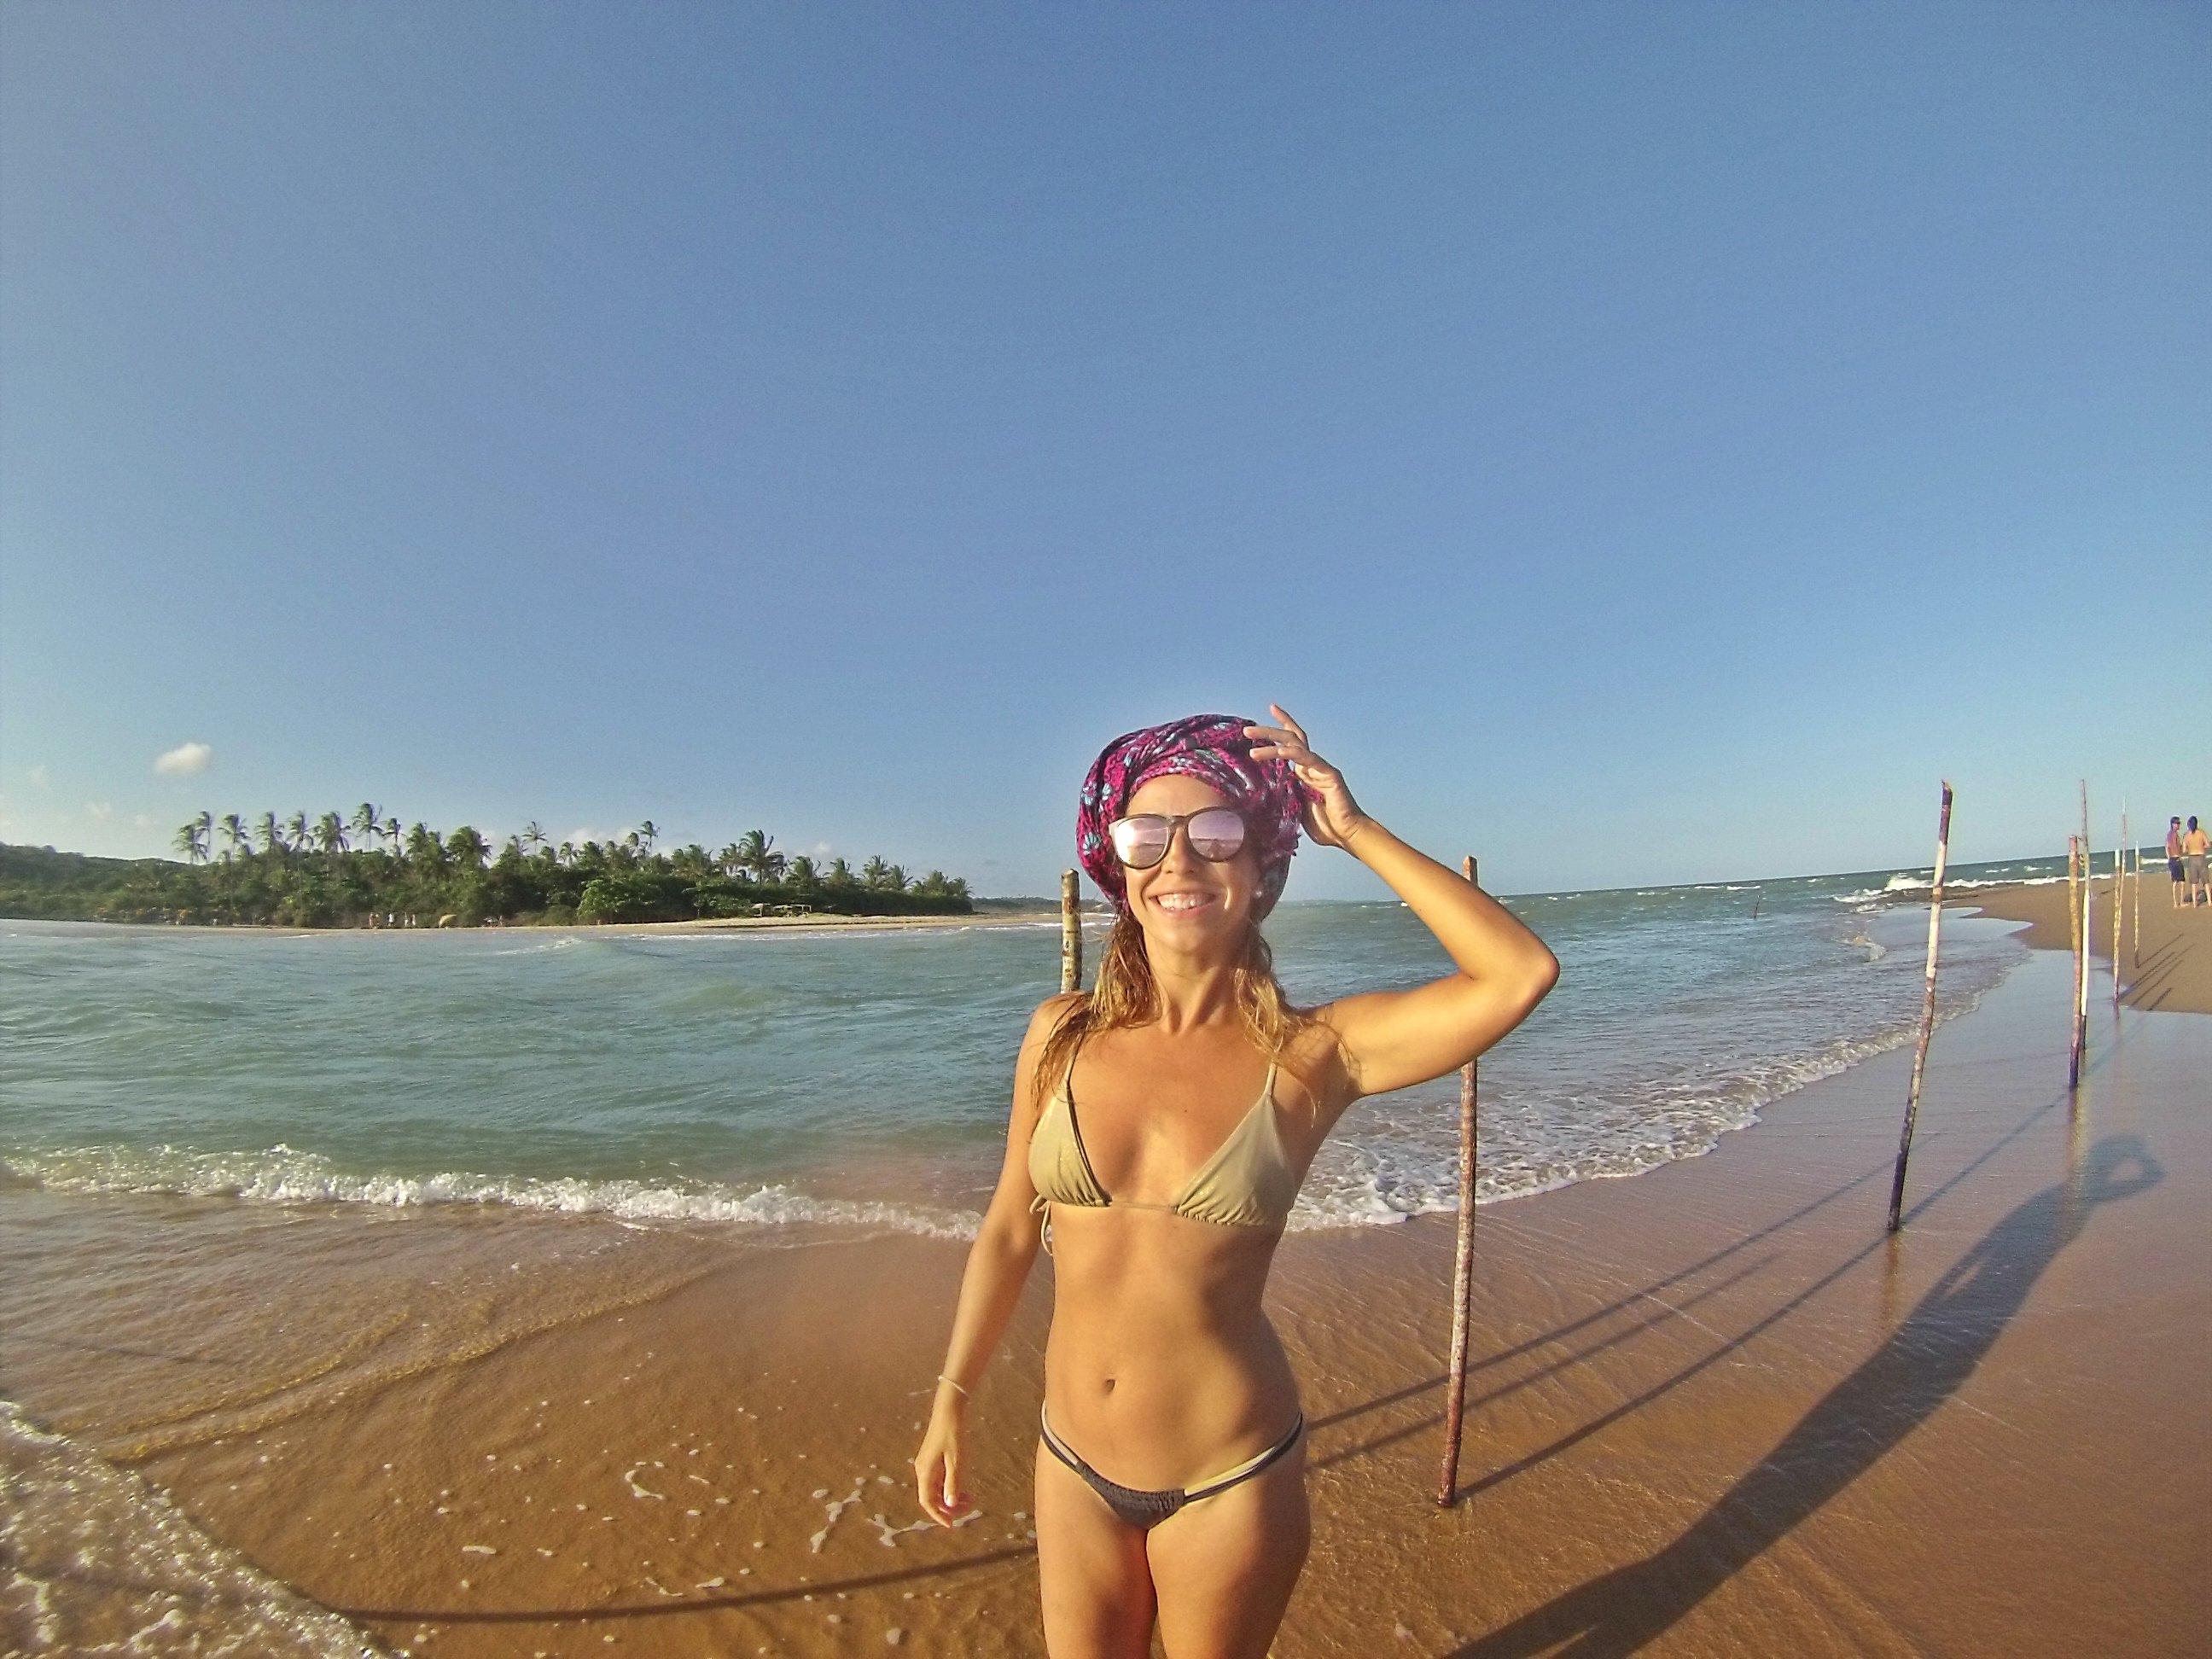 Vestindo a Alma, Blog de Lifestyle, Blog de Viagens, Dicas de viagens, praias do mundo, Bruna Villegas, melhores blogs de viagens, blog de viagens pelo mundo, blog estilo de vida, blogs de surf, blog surf trip, melhores blogs, caraiva, o que fazer em caraiva, onde se hospedar em caraiva, caraiva ba,